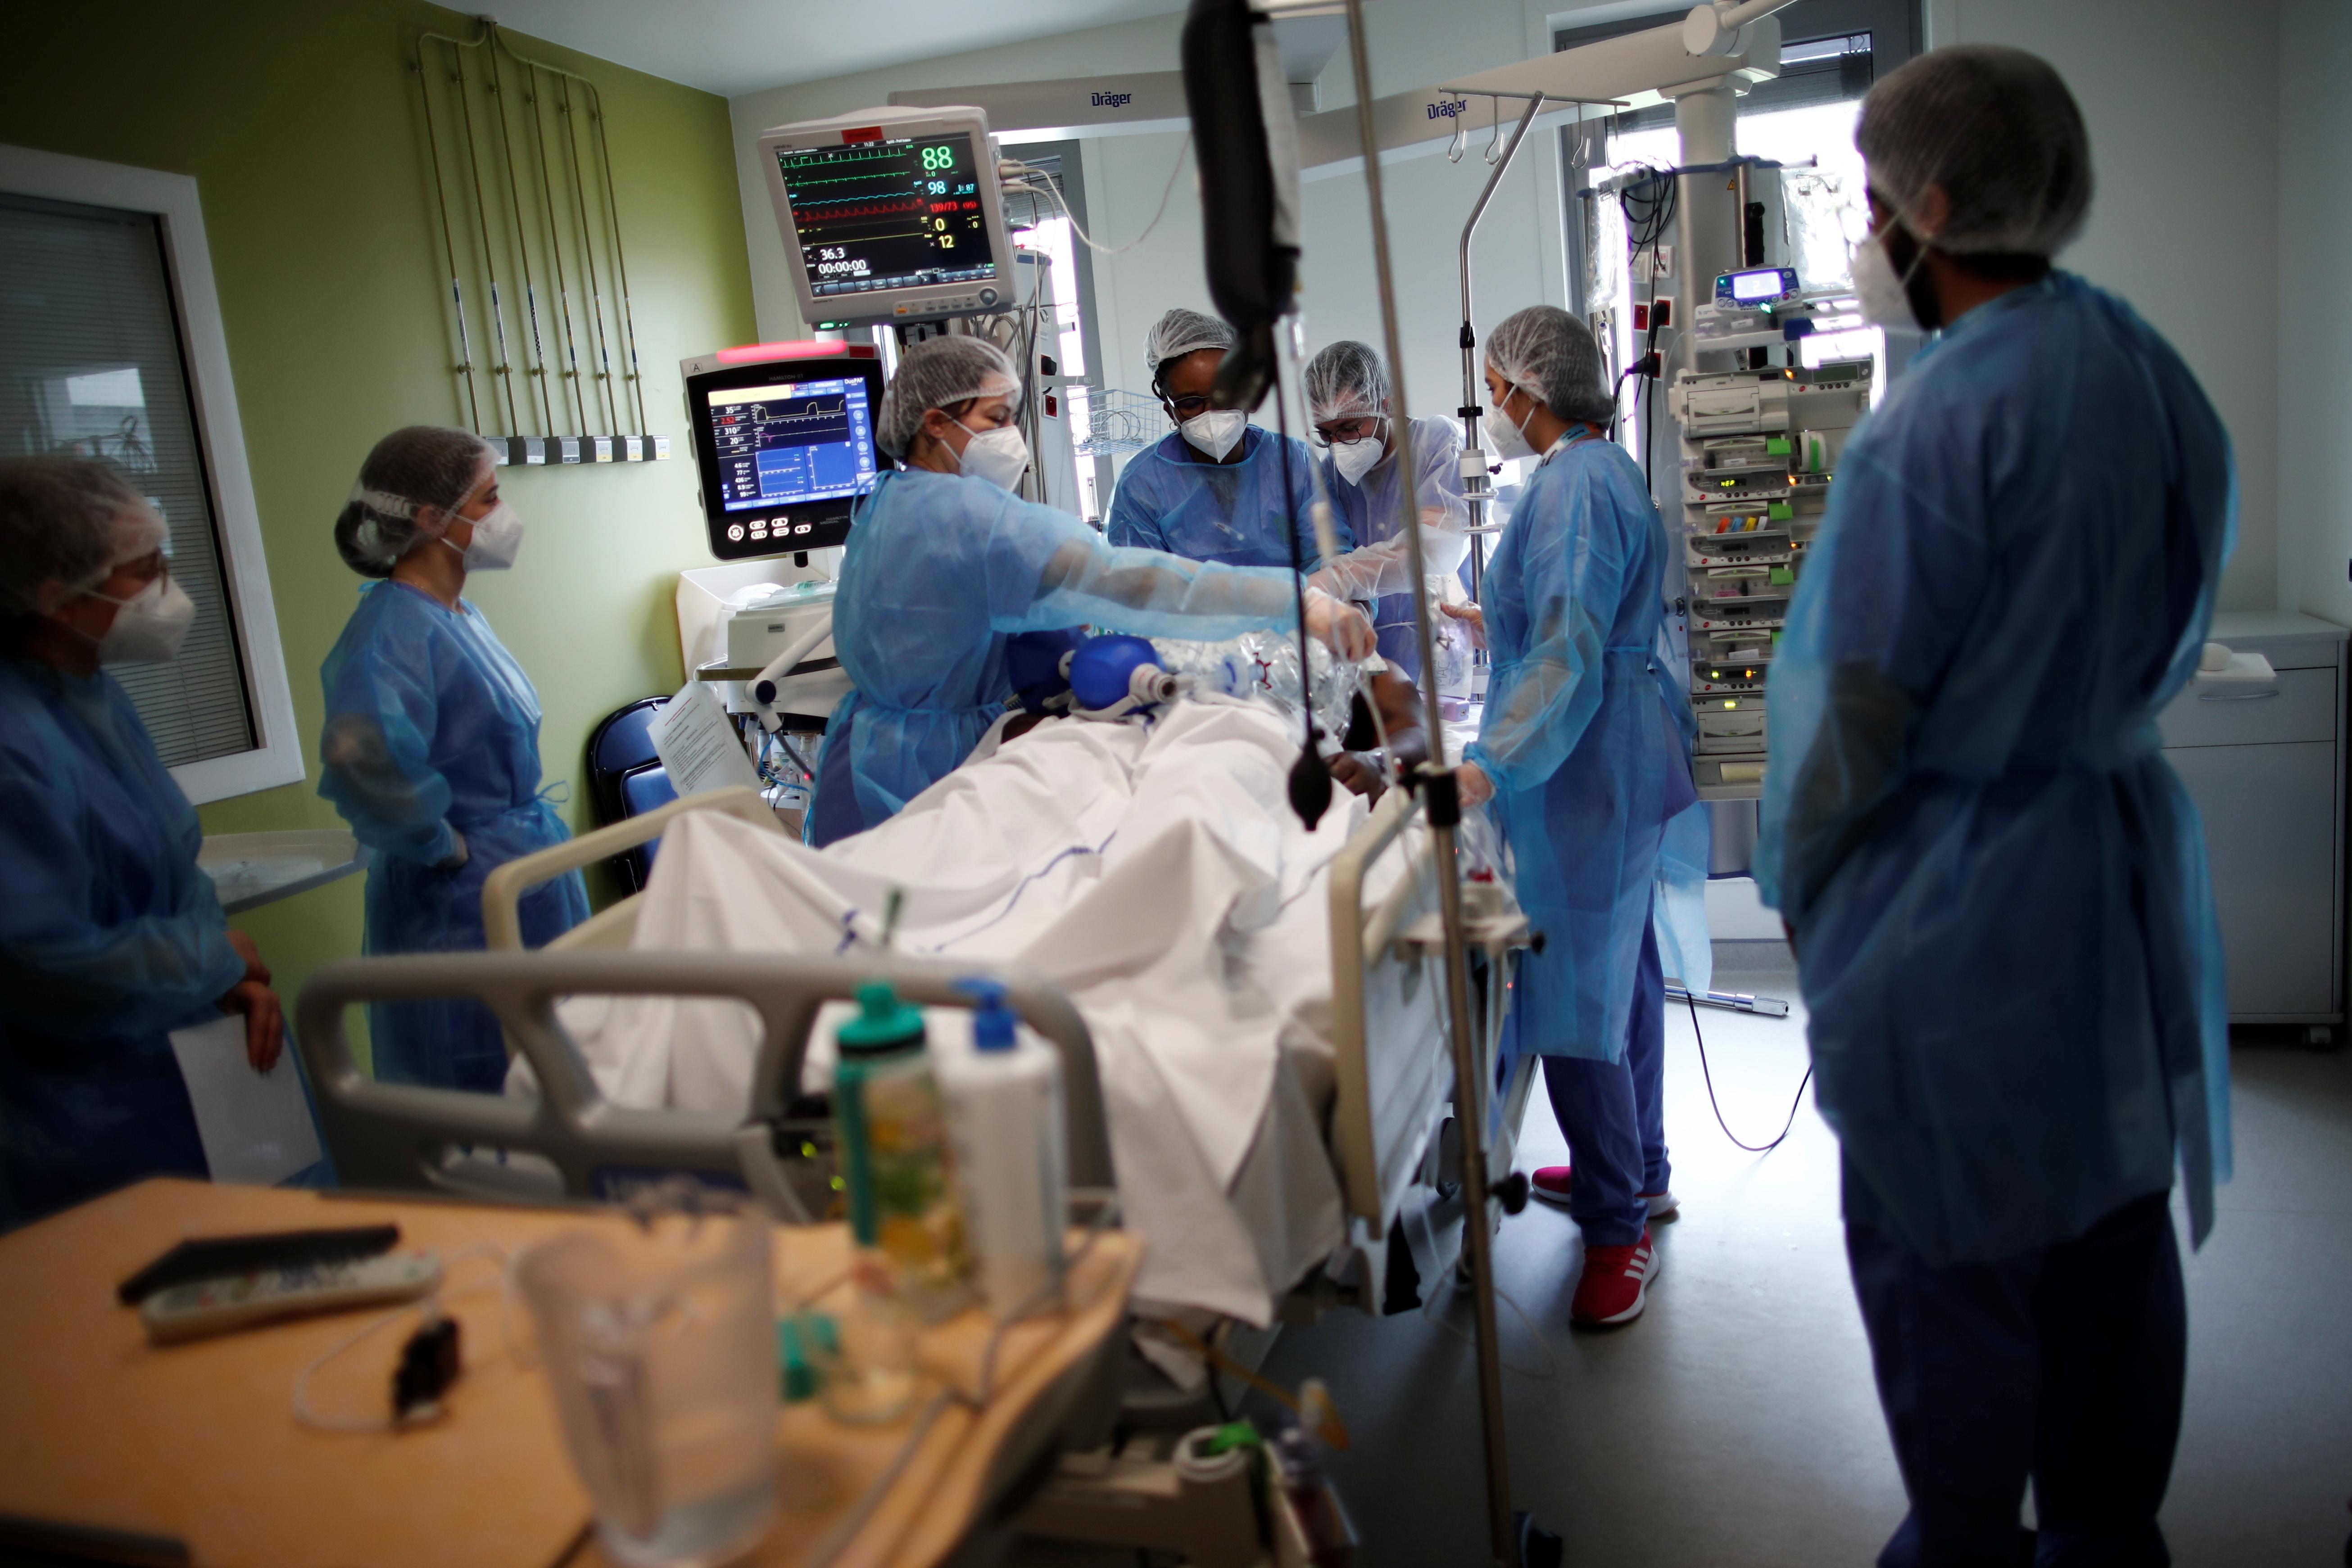 Các nhân viên y tế làm việc trong Đơn vị Chăm sóc Đặc biệt (ICU), nơi bệnh nhân mắc bệnh coronavirus (COVID-19) được điều trị tại bệnh viện Melun-Senart, gần Paris, Pháp, ngày 8 tháng 3 năm 2021. REUTERS / Benoit Tessier